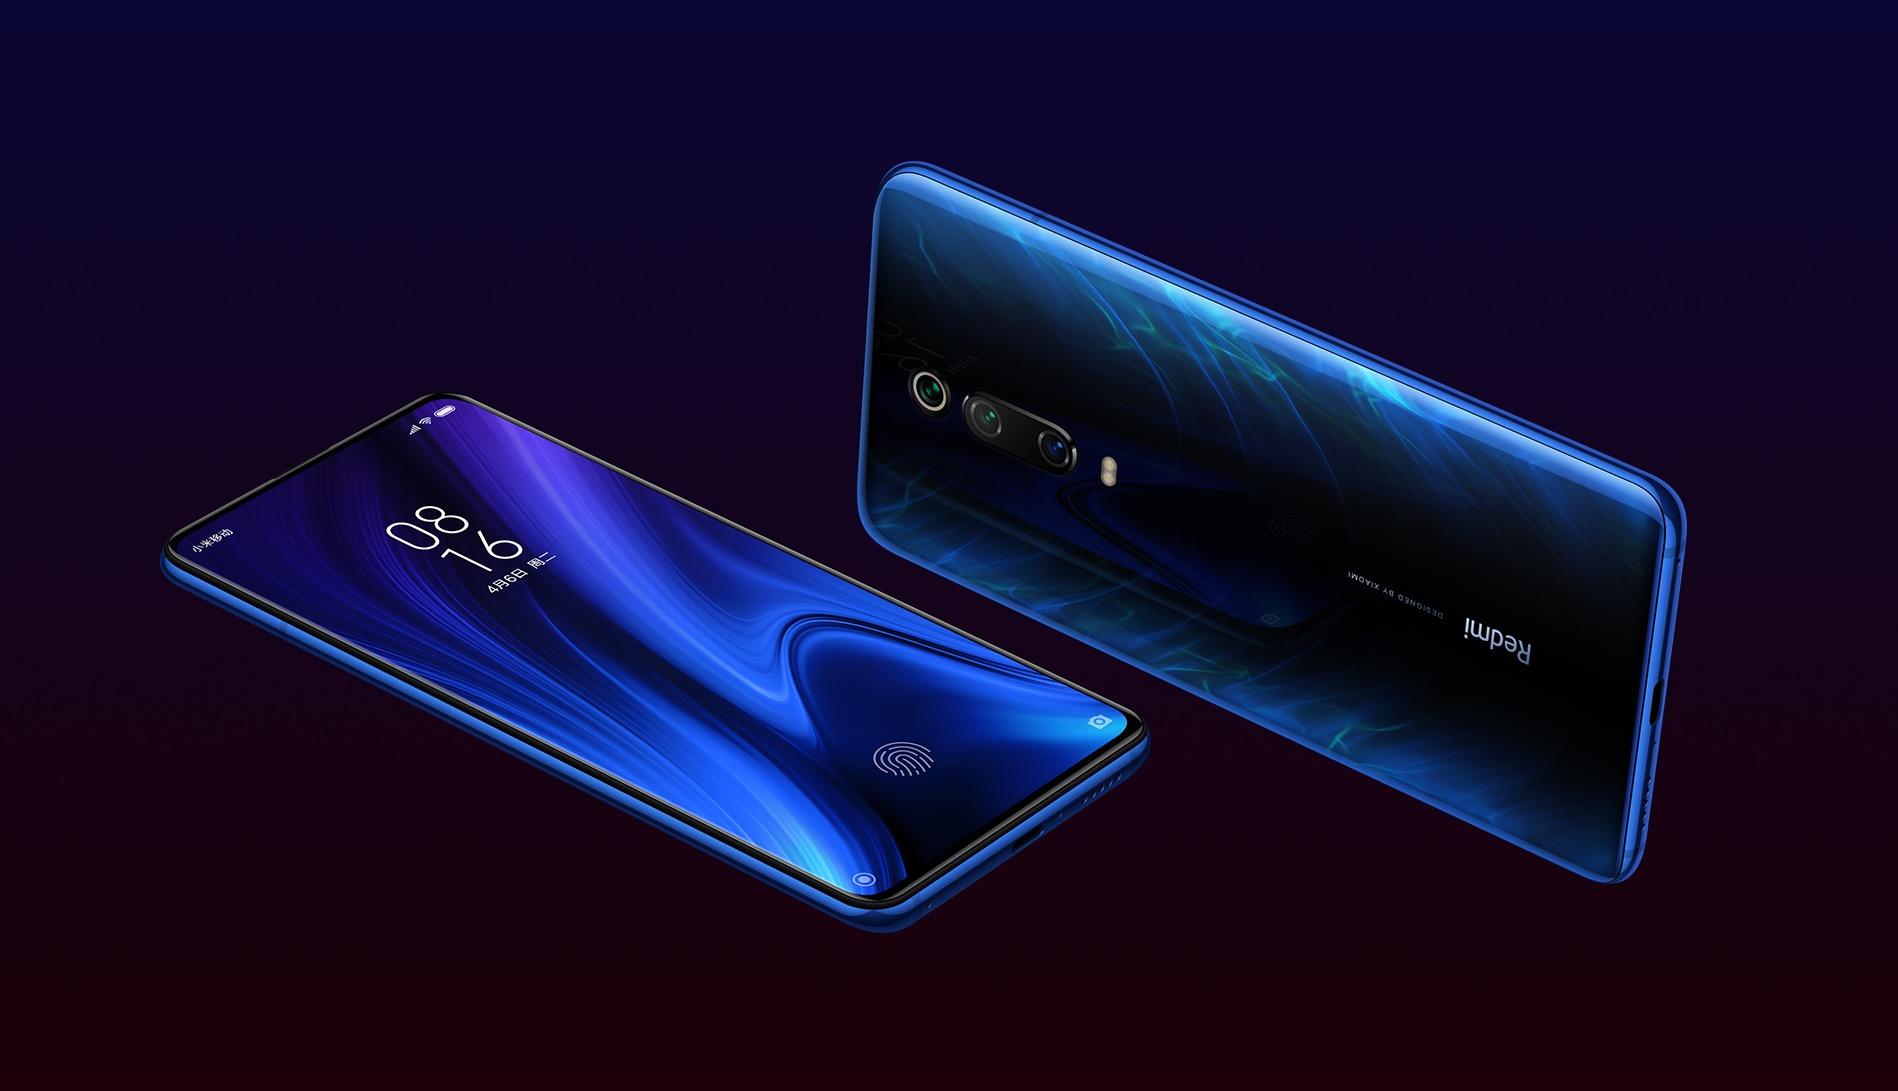 Топ-10 лучших смартфонов 2019_июль_- xiaomi mi9t